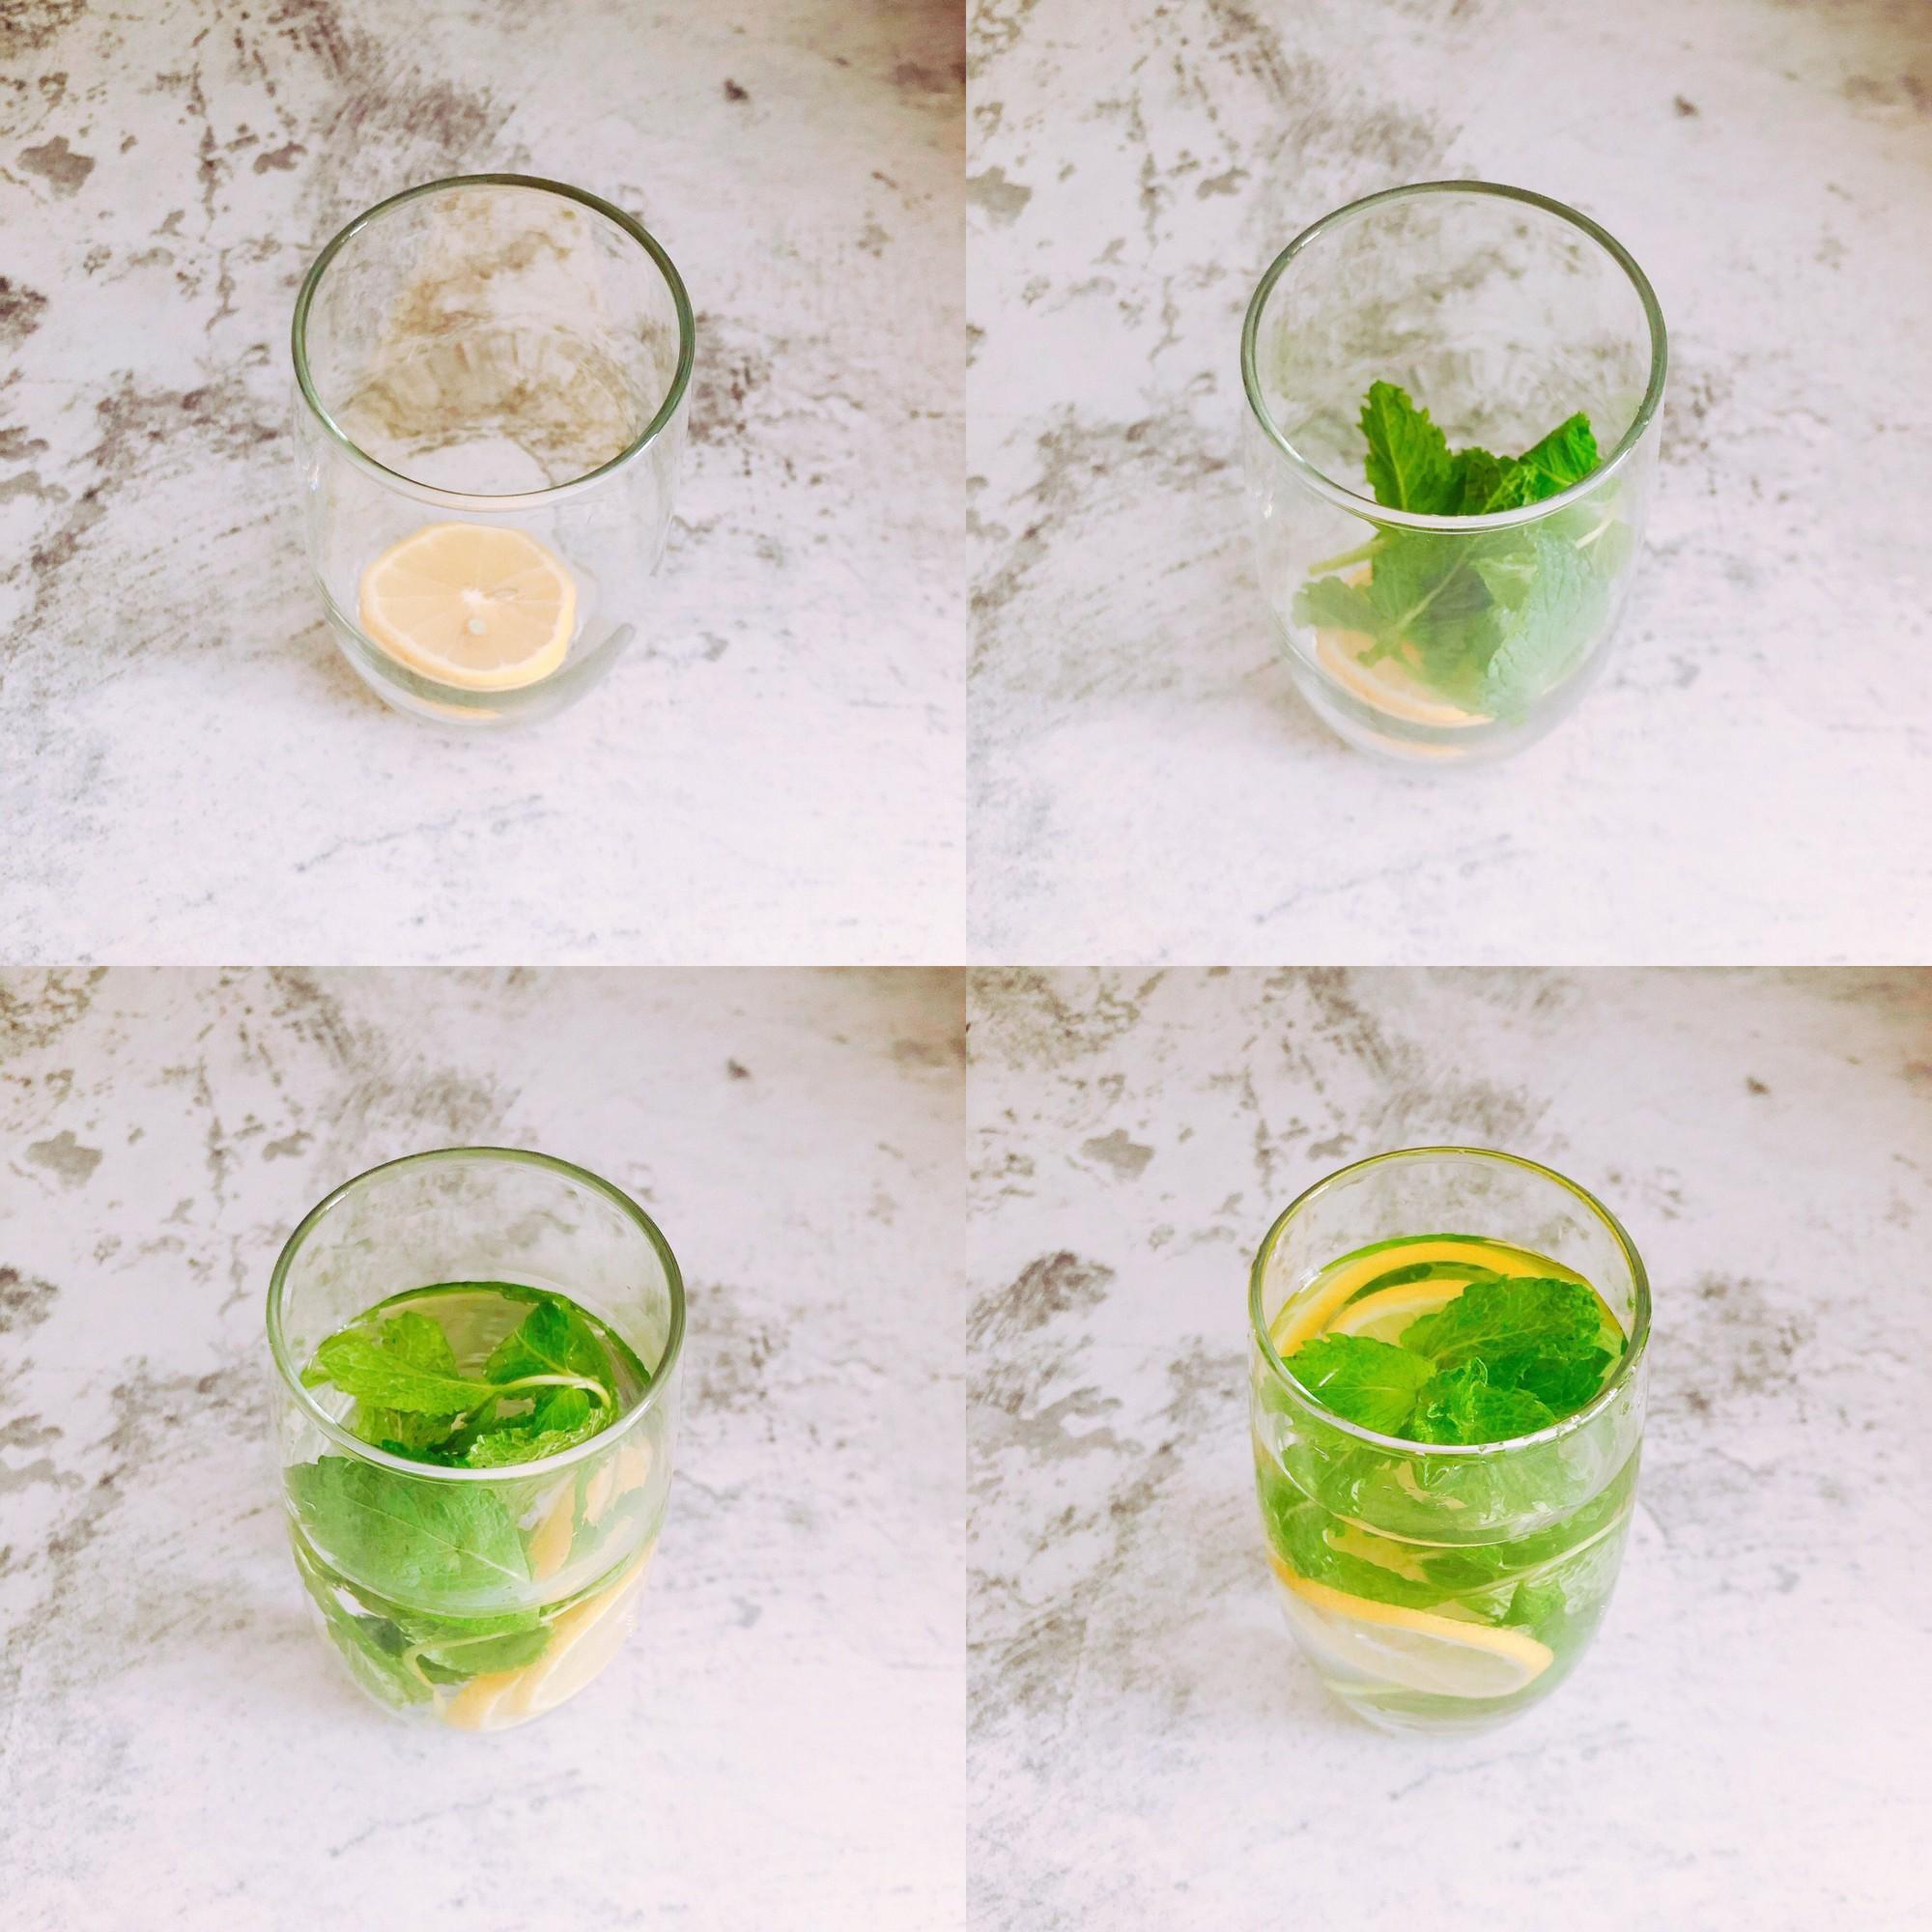 Thải độc cơ thể làm đẹp da với hai thức uống cực kỳ đơn giản - Ảnh 1.